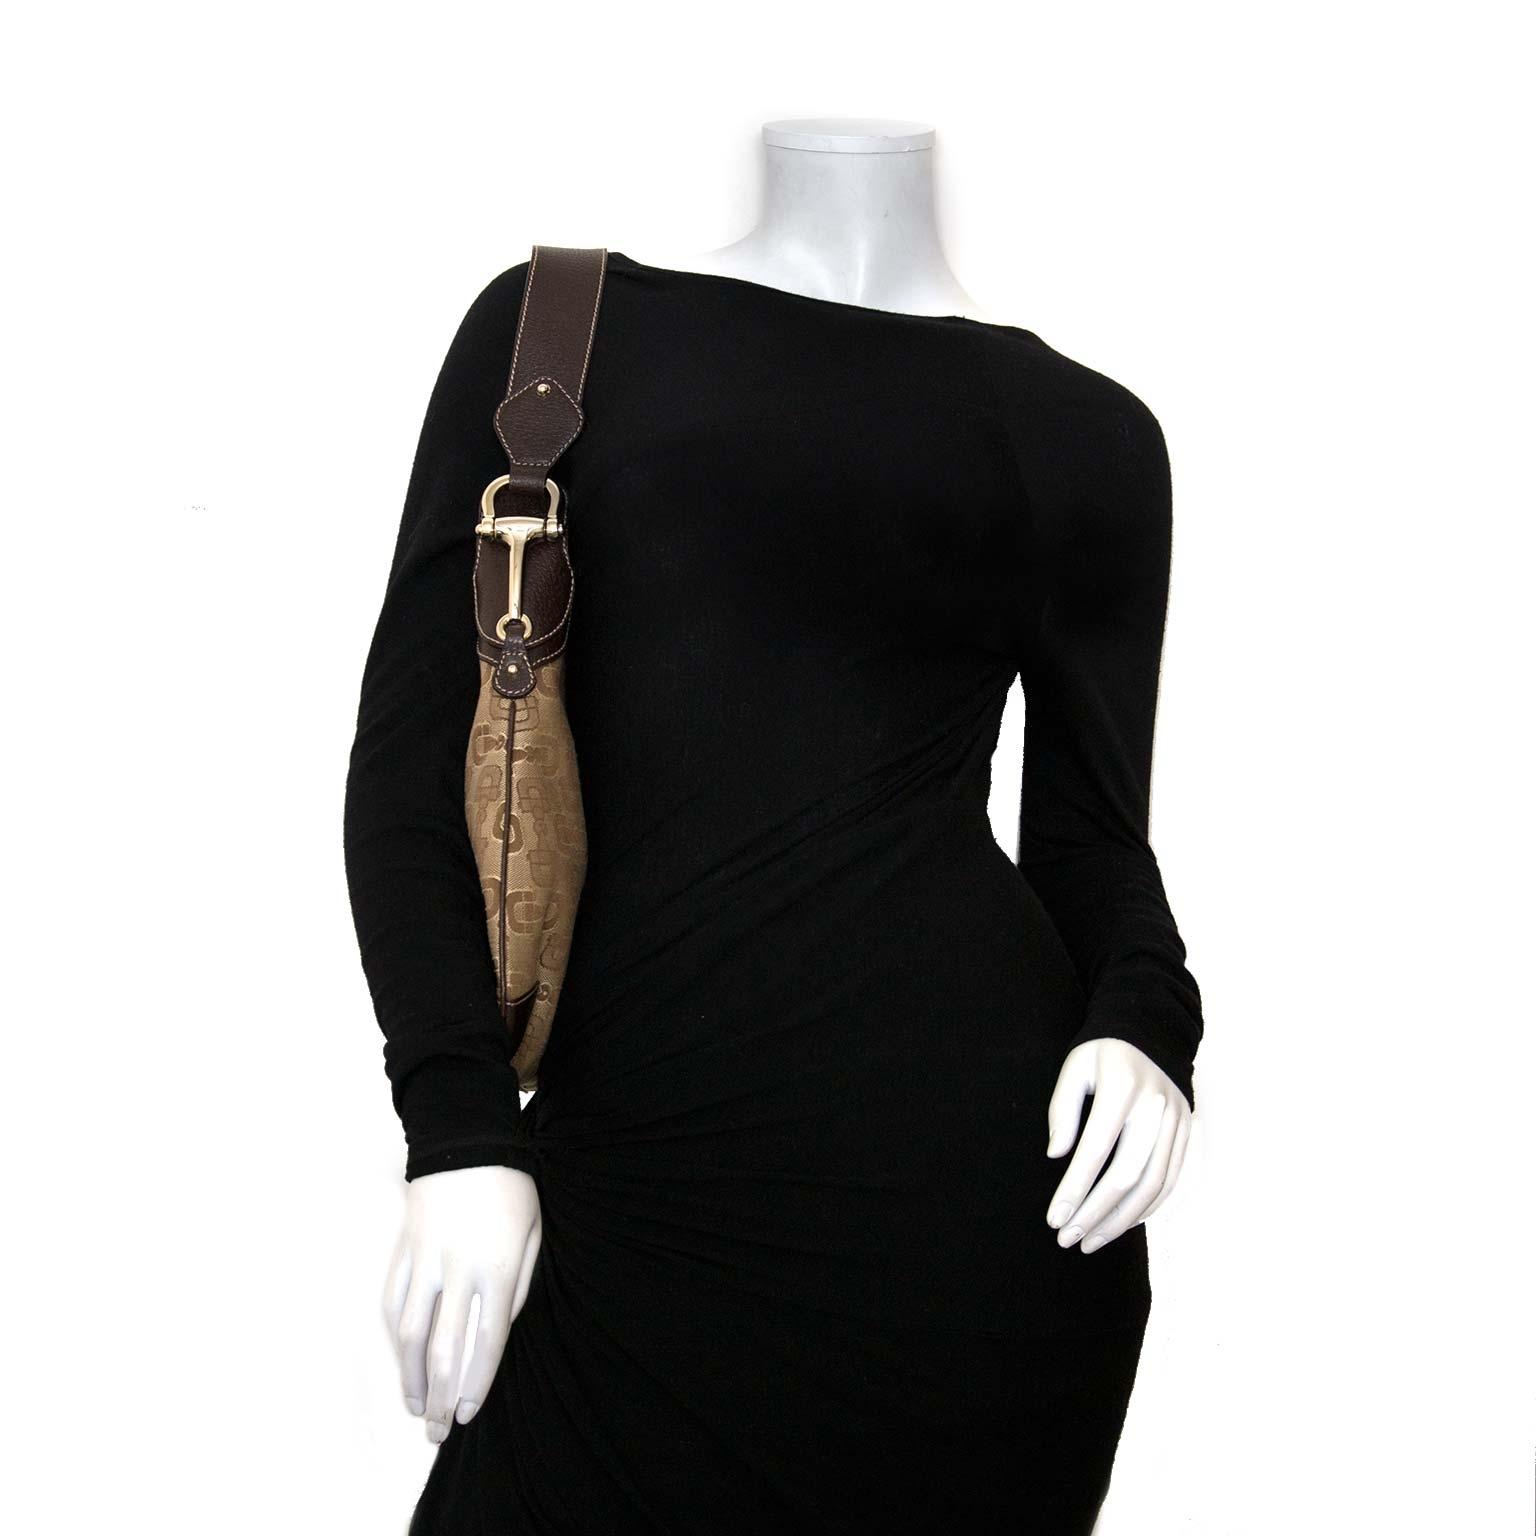 koop authentieke gucci horsebit tassen bij labellov vintage mode webshop